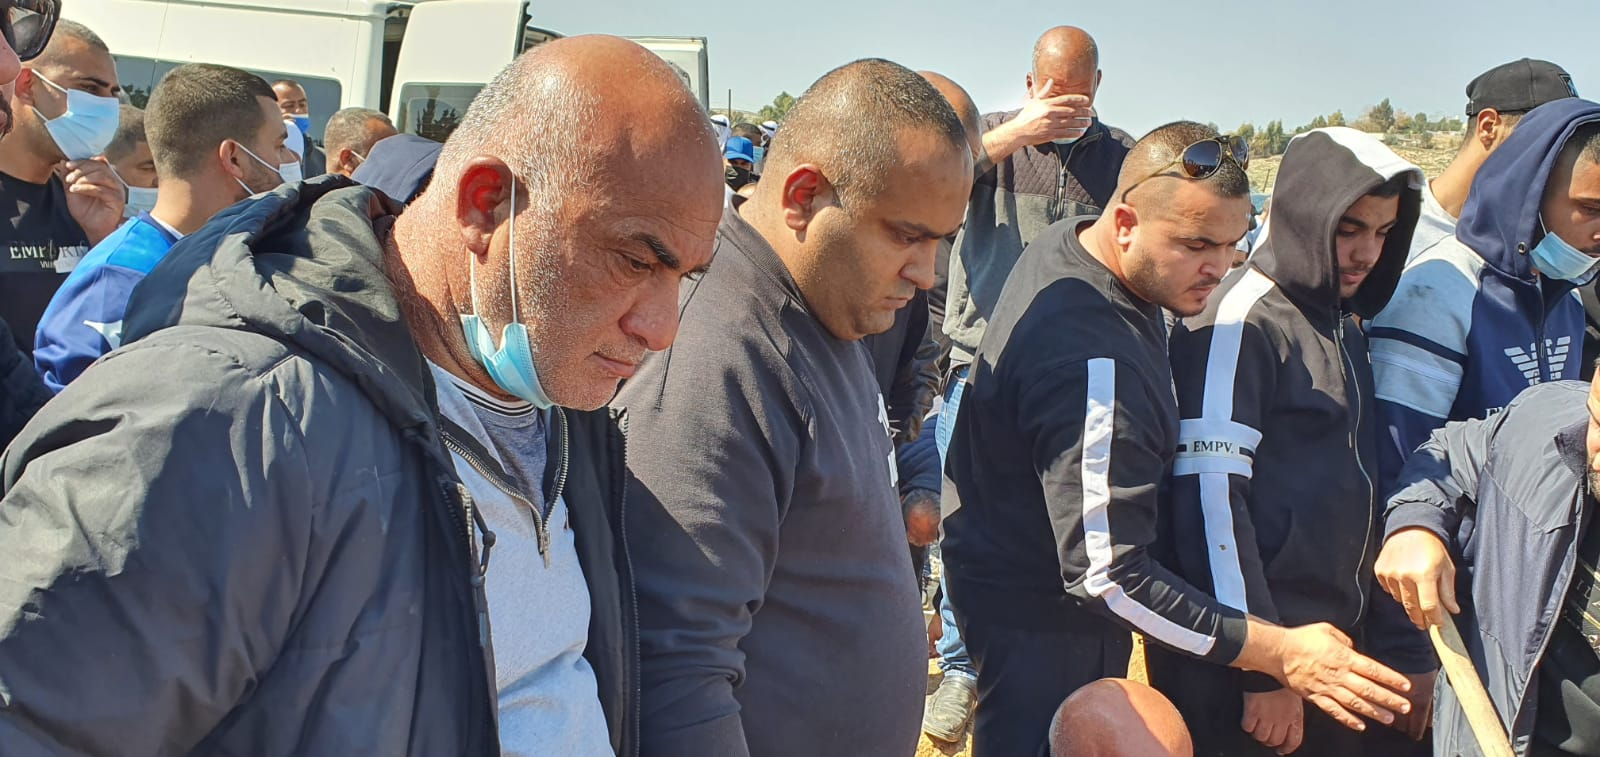 اللد: الحاج عبد المنعم أبو مطير (الزبارقة) أبو غازي 80 عاماً في ذمة الله